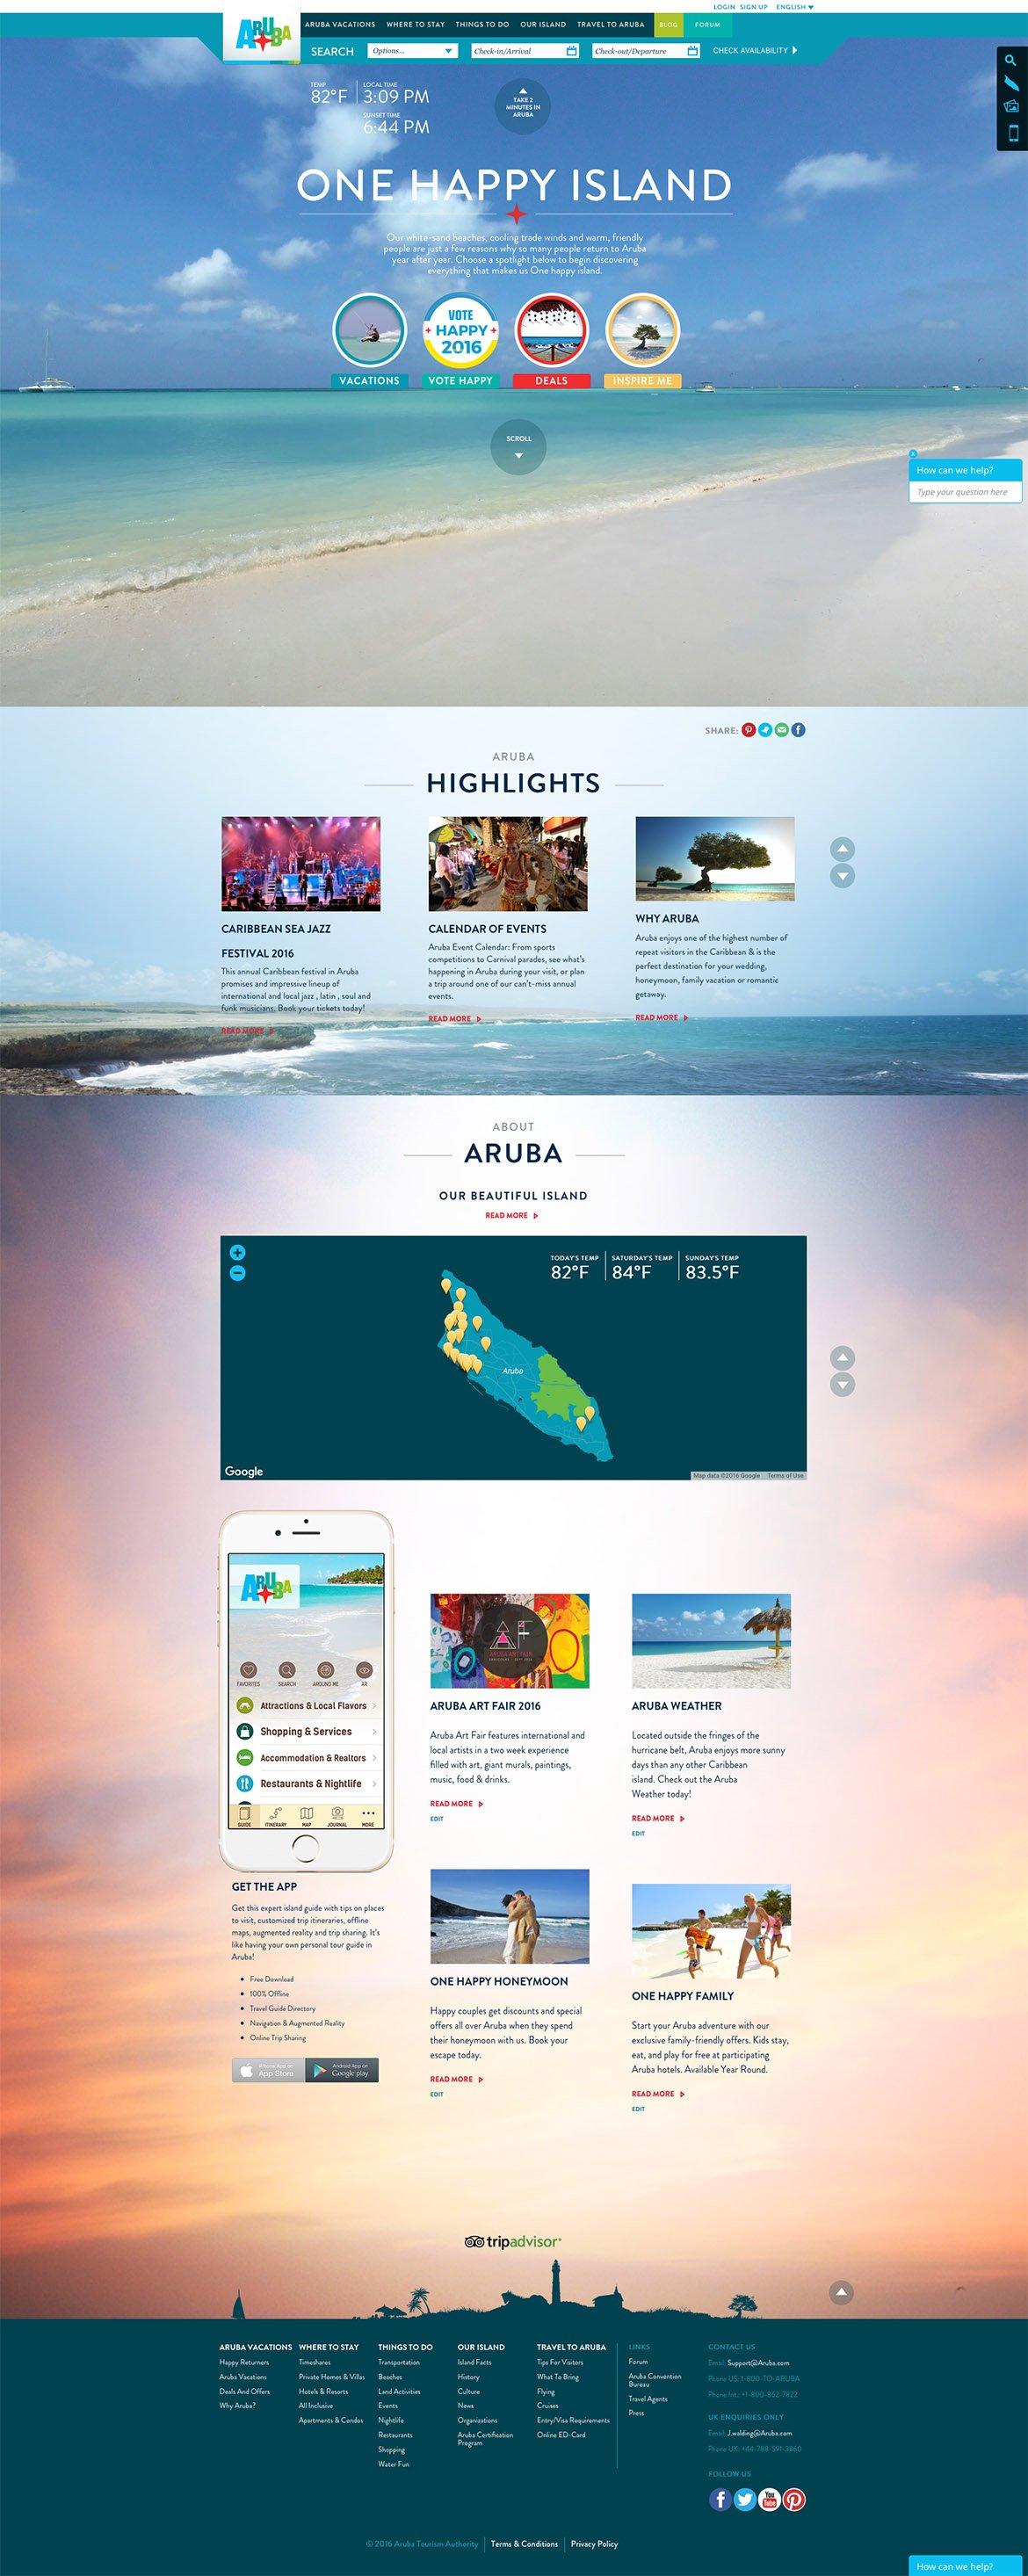 case-studies_aruba-screenshot-1